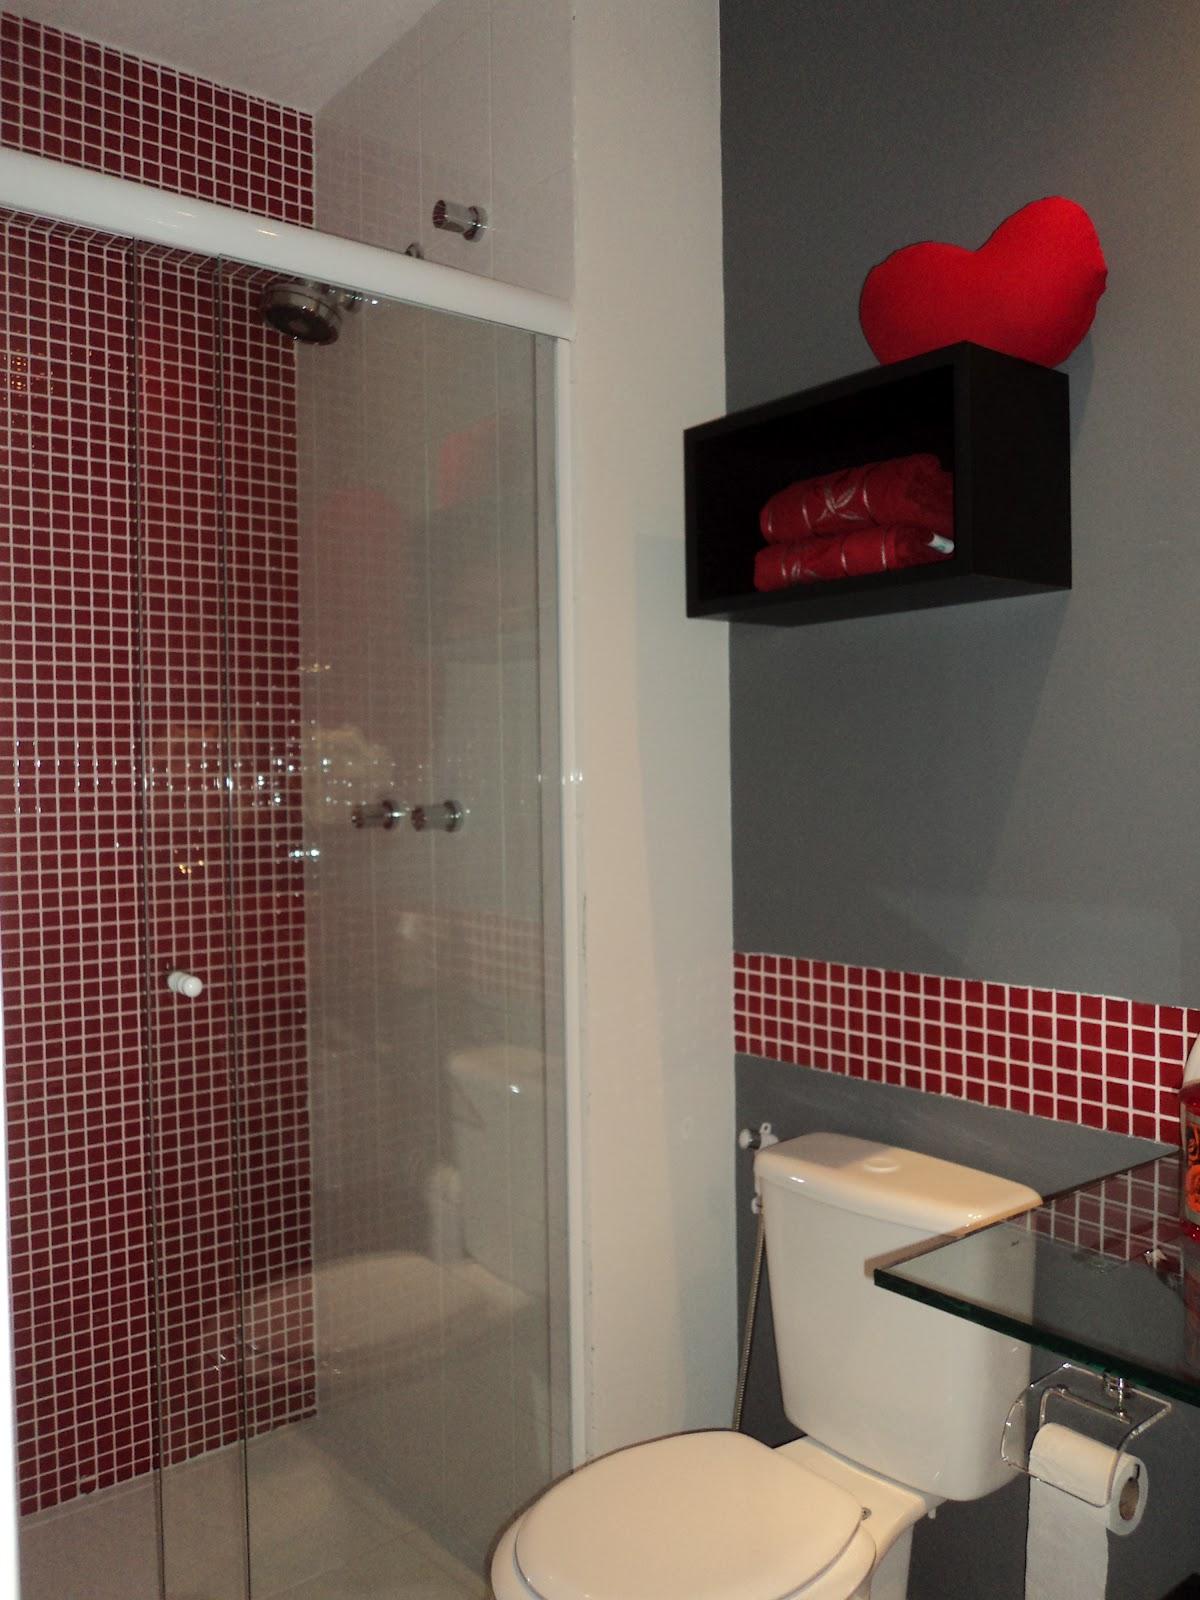 por vidro incolor com cuba de apoio redonda em vidro vermelho  #B60816 1200x1600 Acessorios Banheiro Vermelho